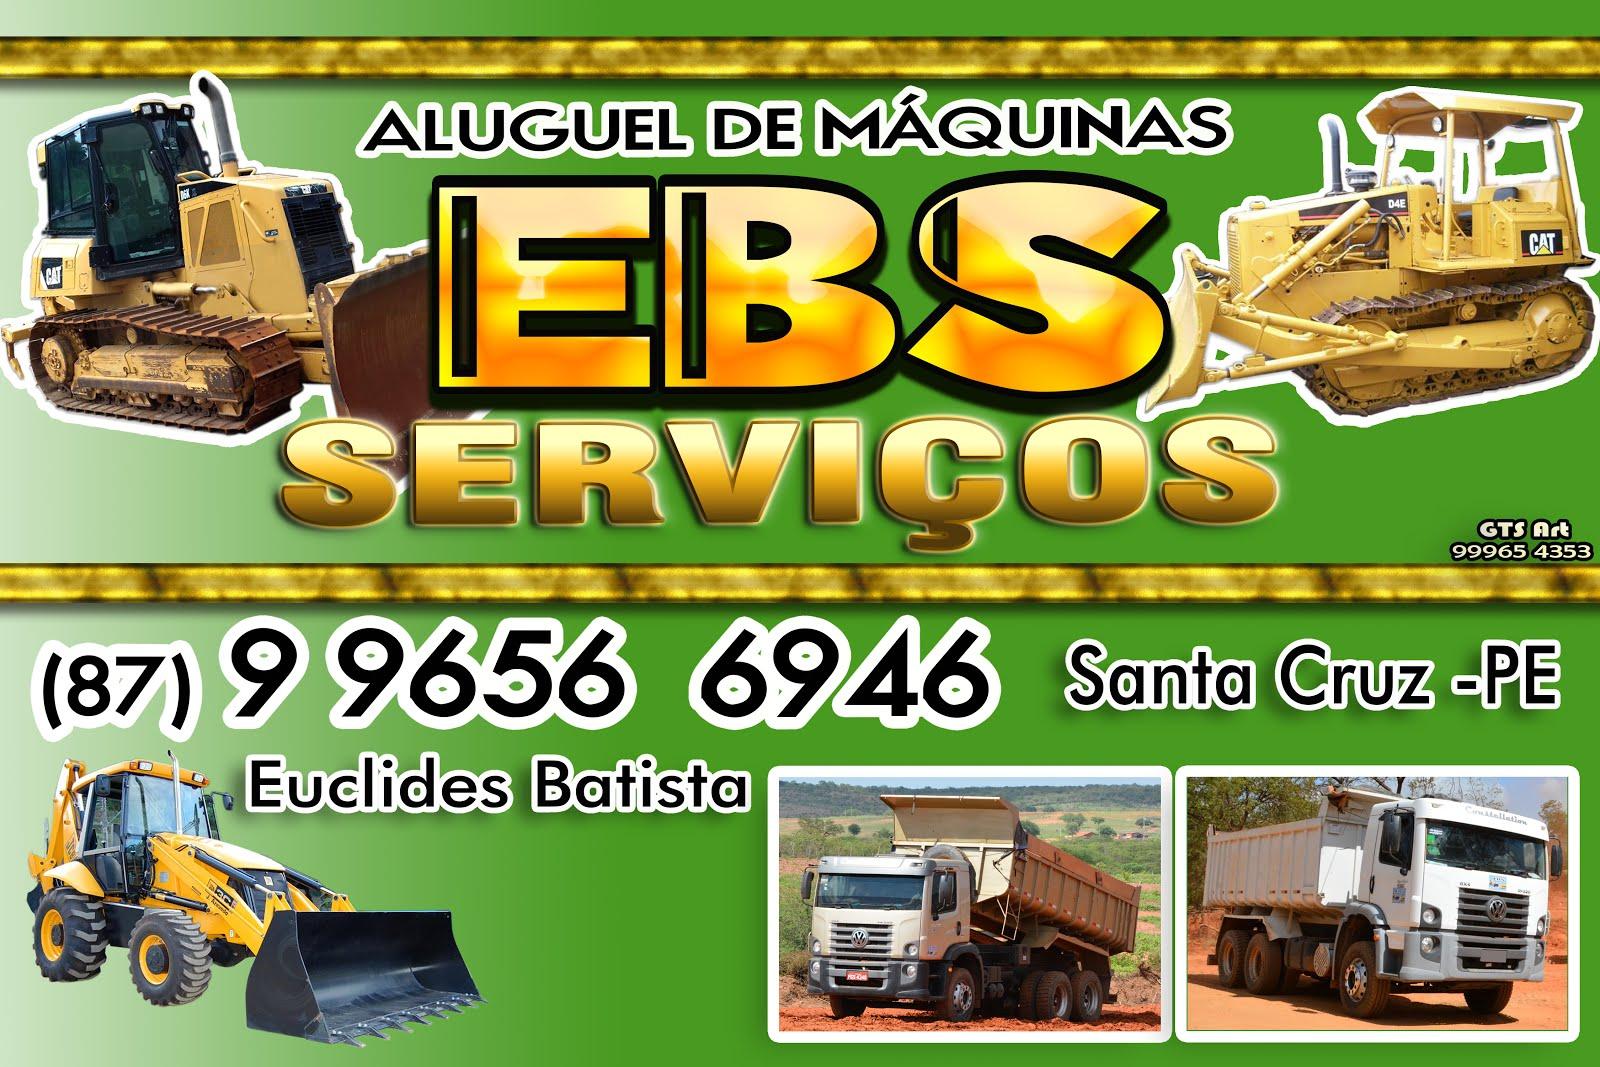 EBS - ALUGUEM DE MAQUINAS E SERVIÇOS